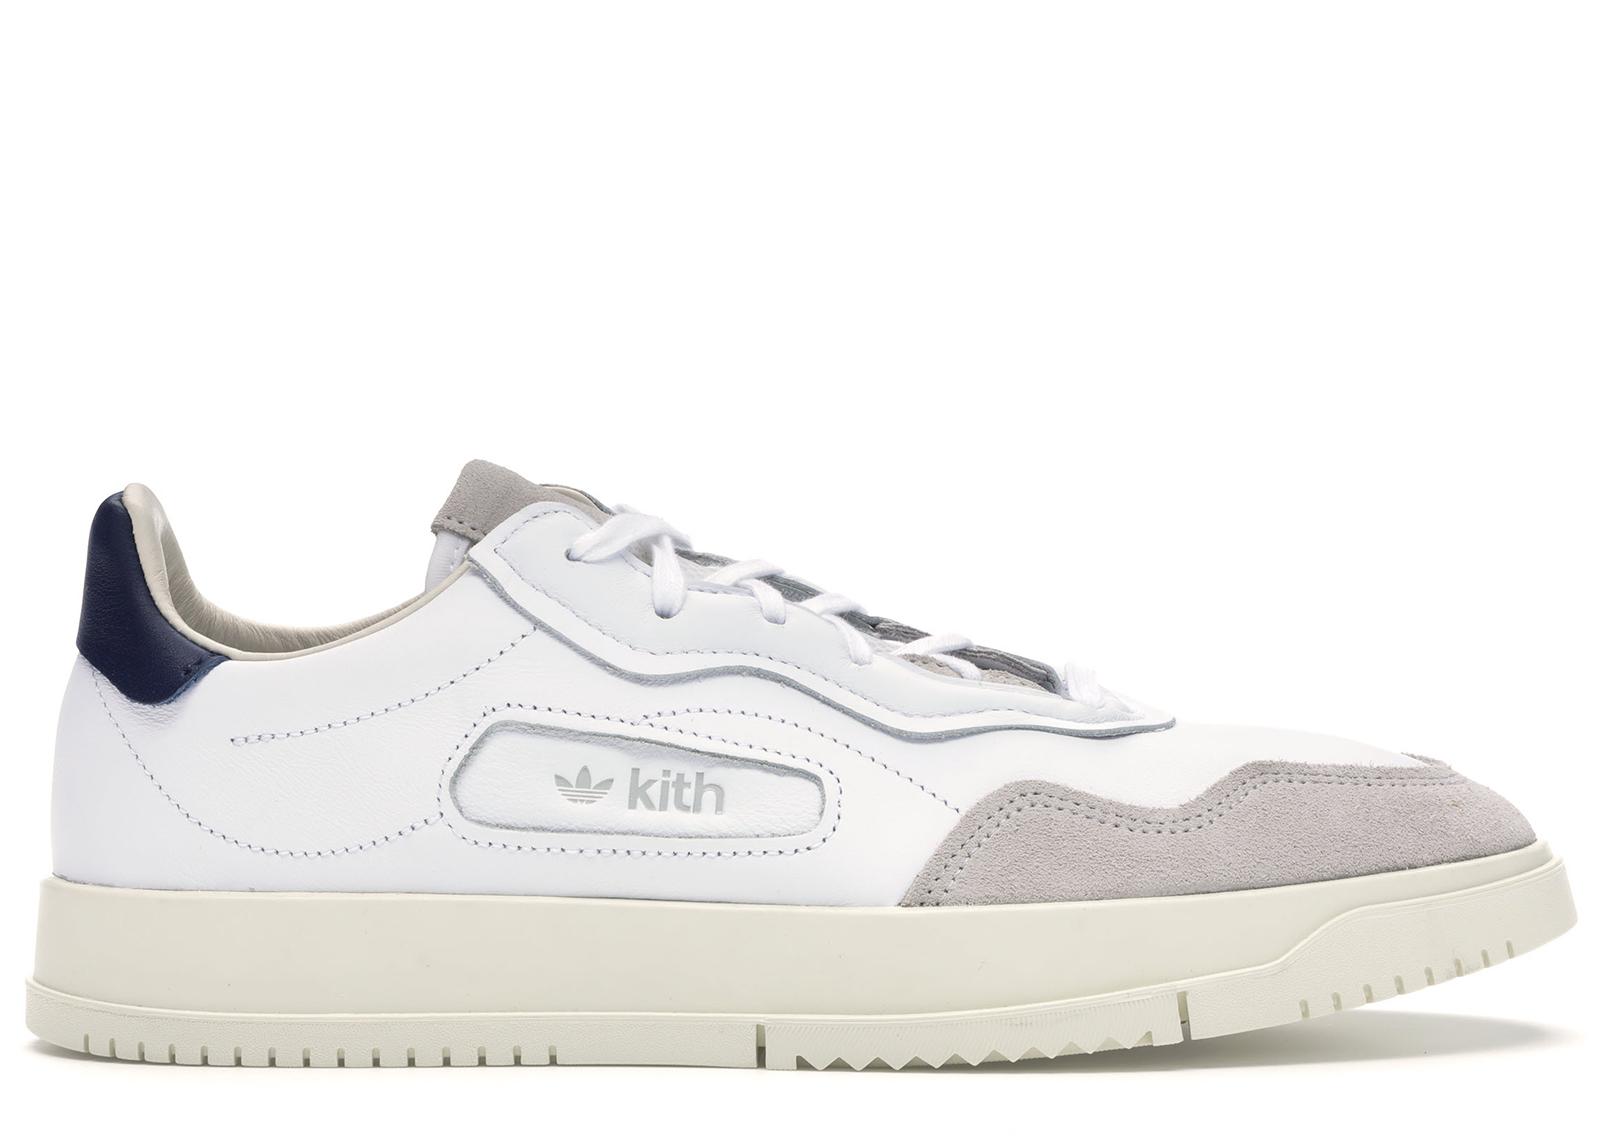 adidas SC Premiere Kith White Navy - EF8190